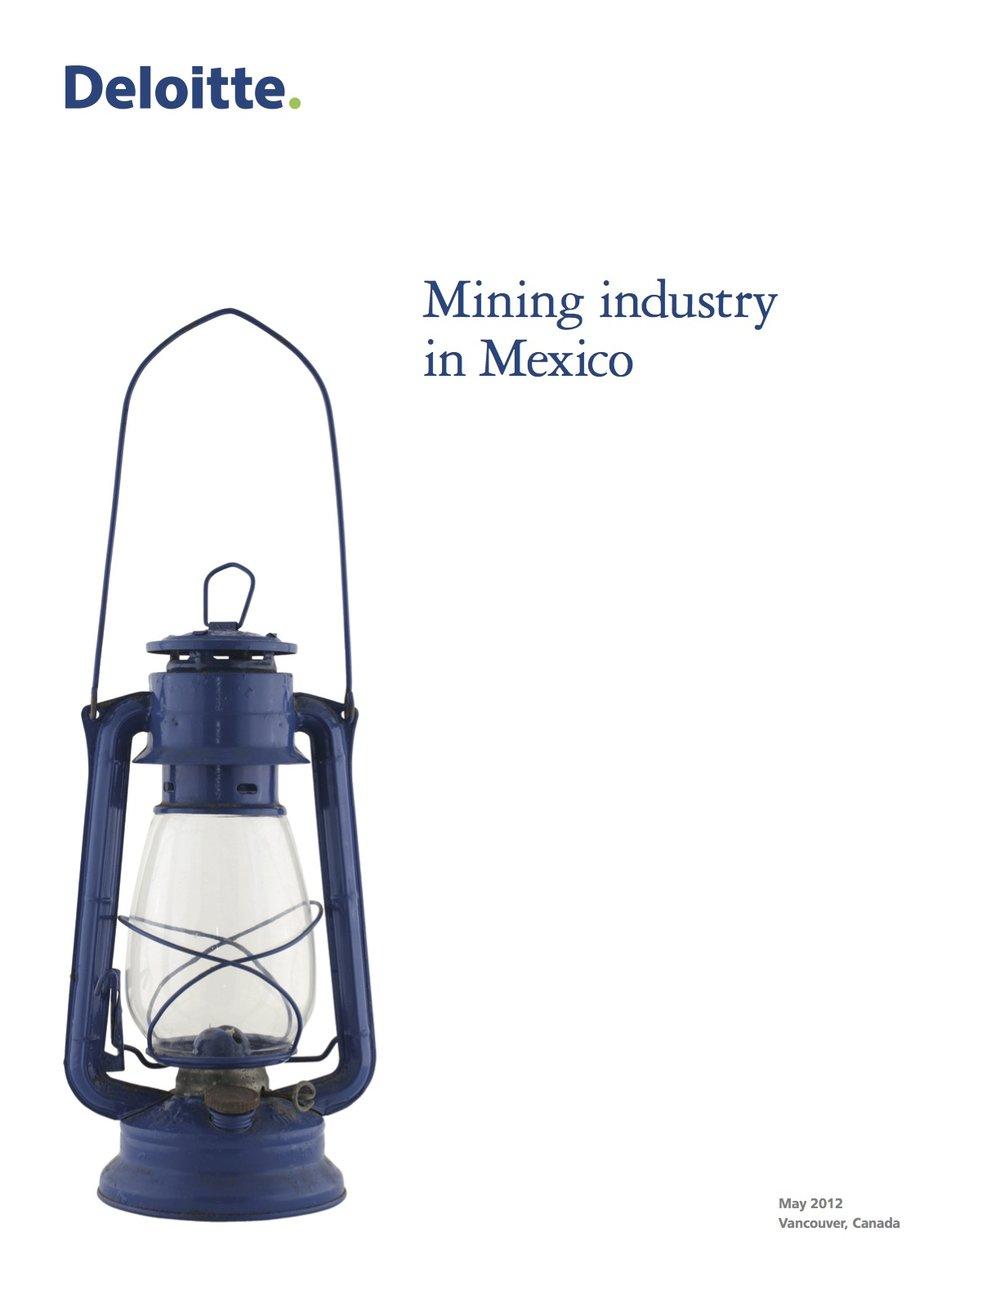 mining-industry-mexico-01.jpg